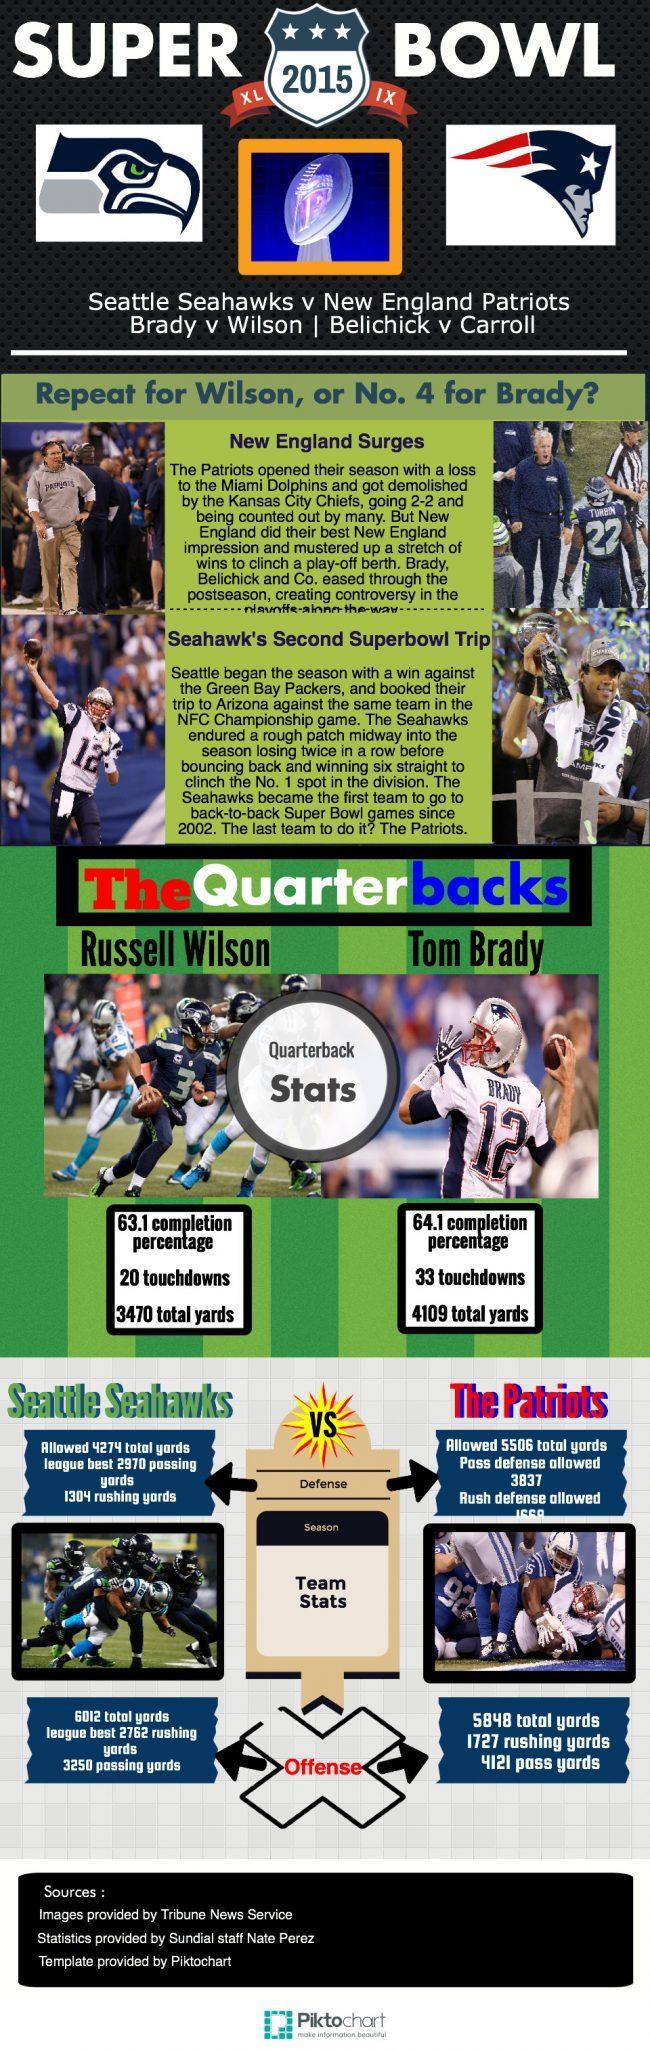 Superbowl Info(1)